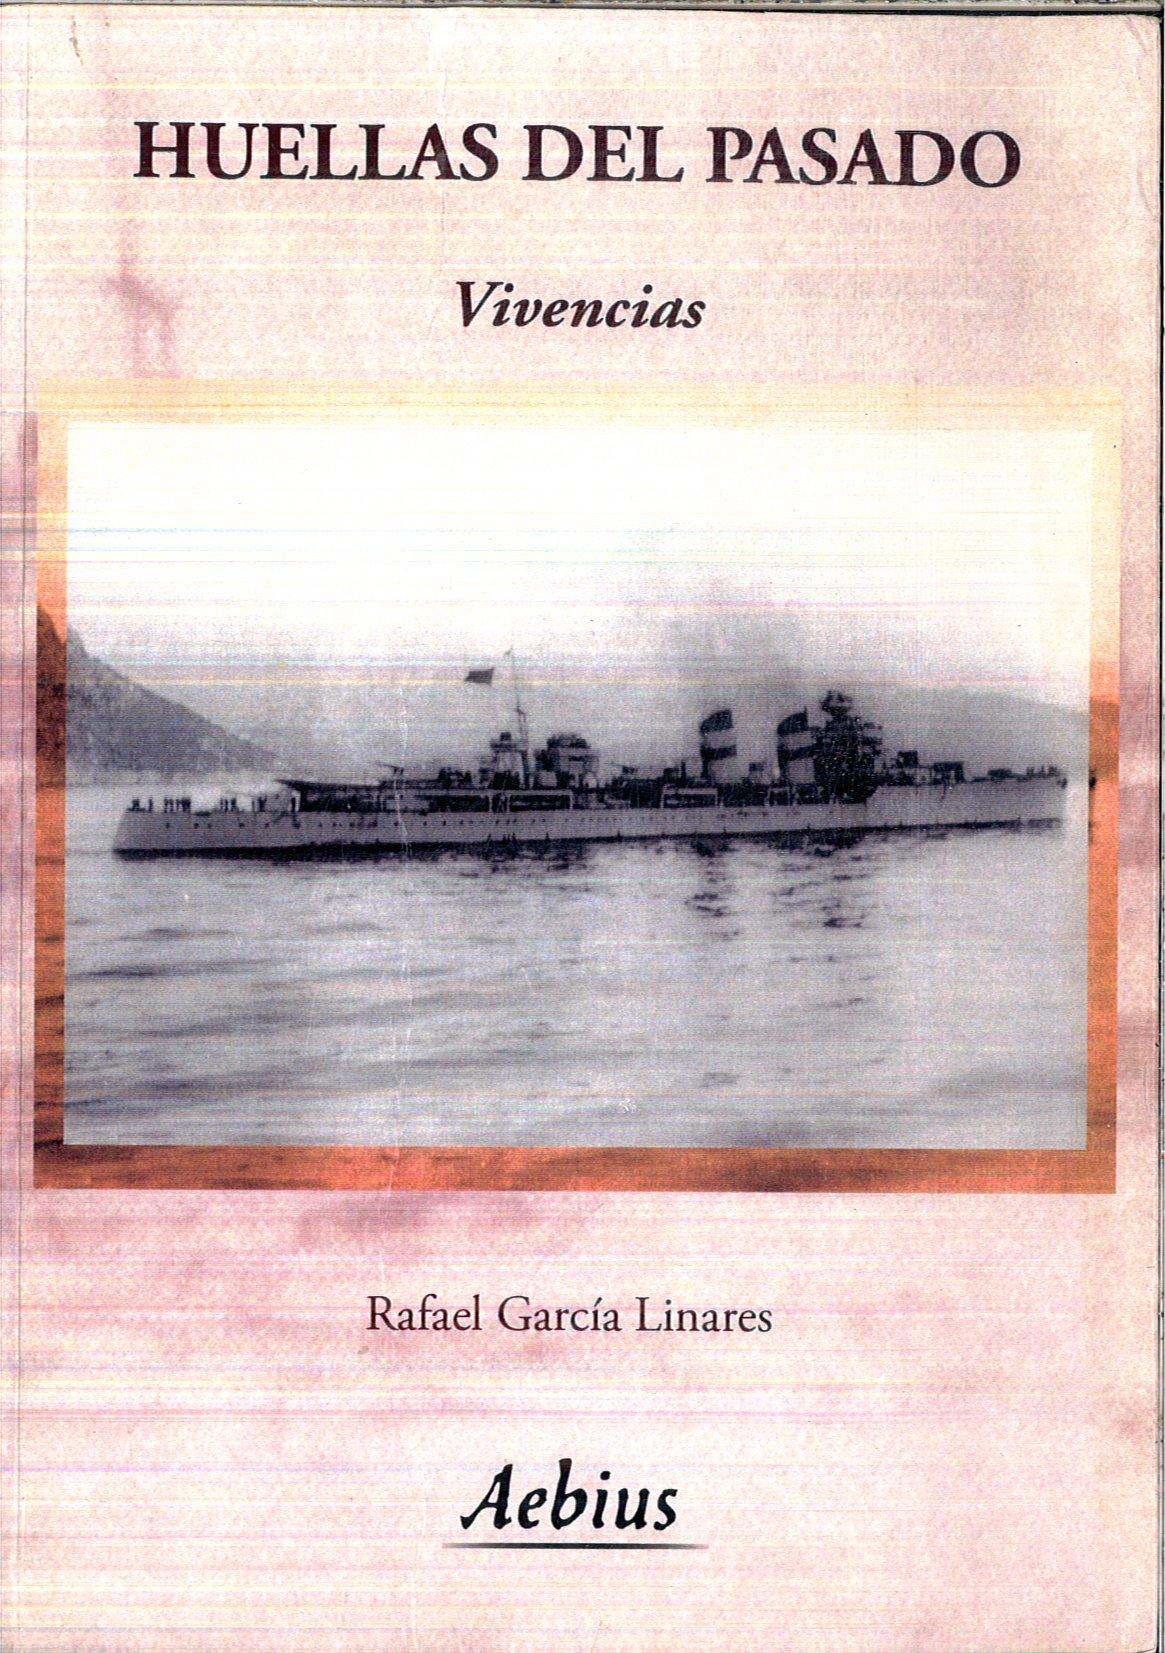 Huellas del Pasado (VIVENCIAS): Amazon.es: RAFAEL GARCIA ...